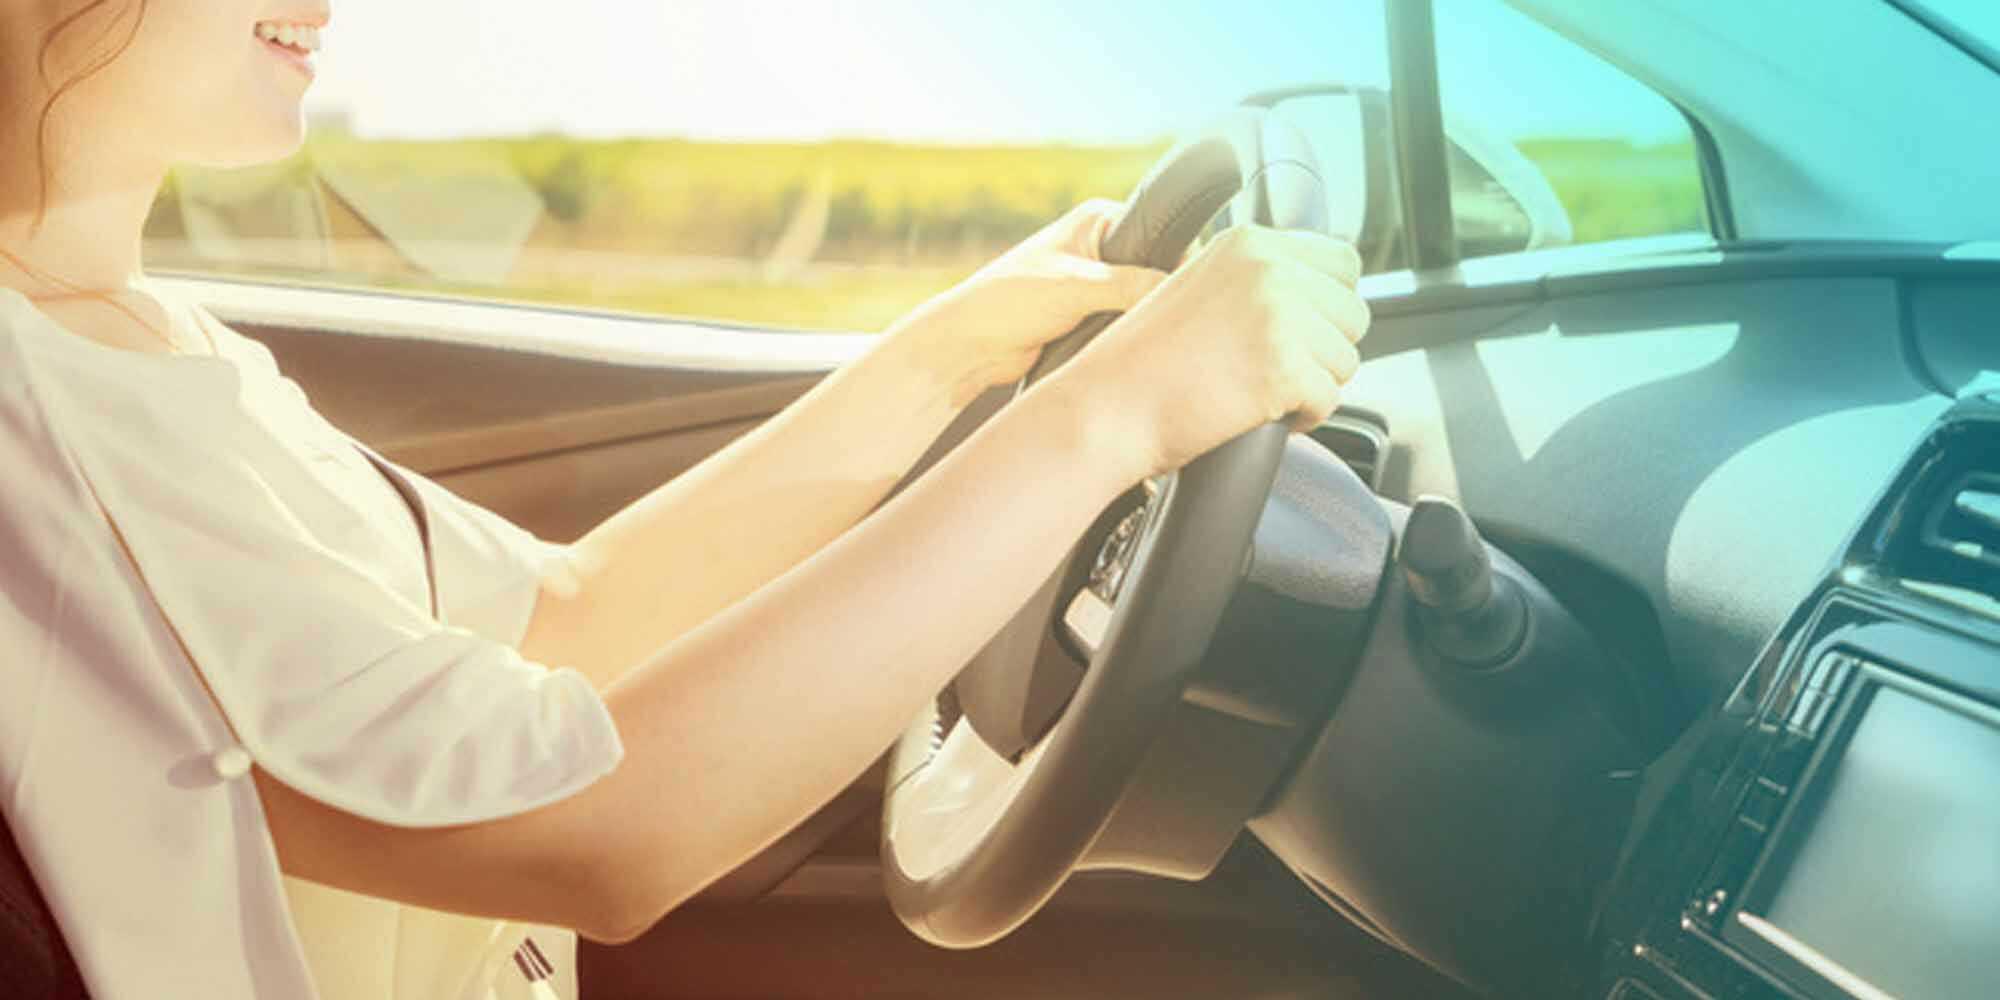 Ratgeber | Führerschein | Führerschein auf Probe | HUK24